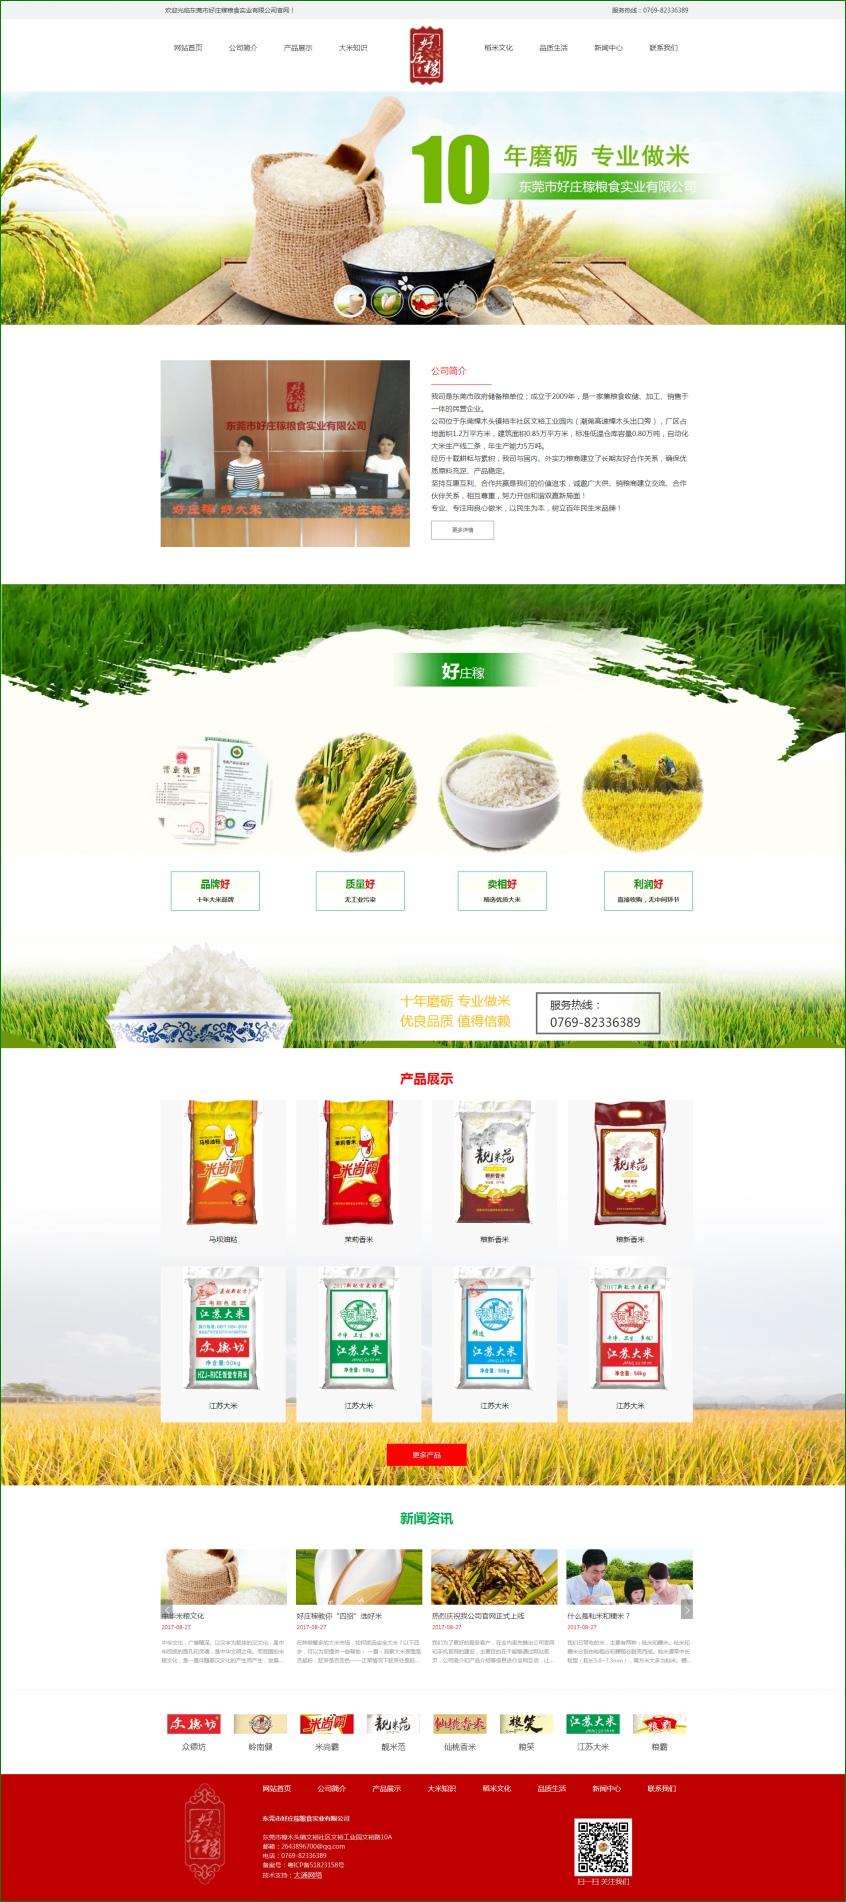 粮食/粮油公司网站建设案例